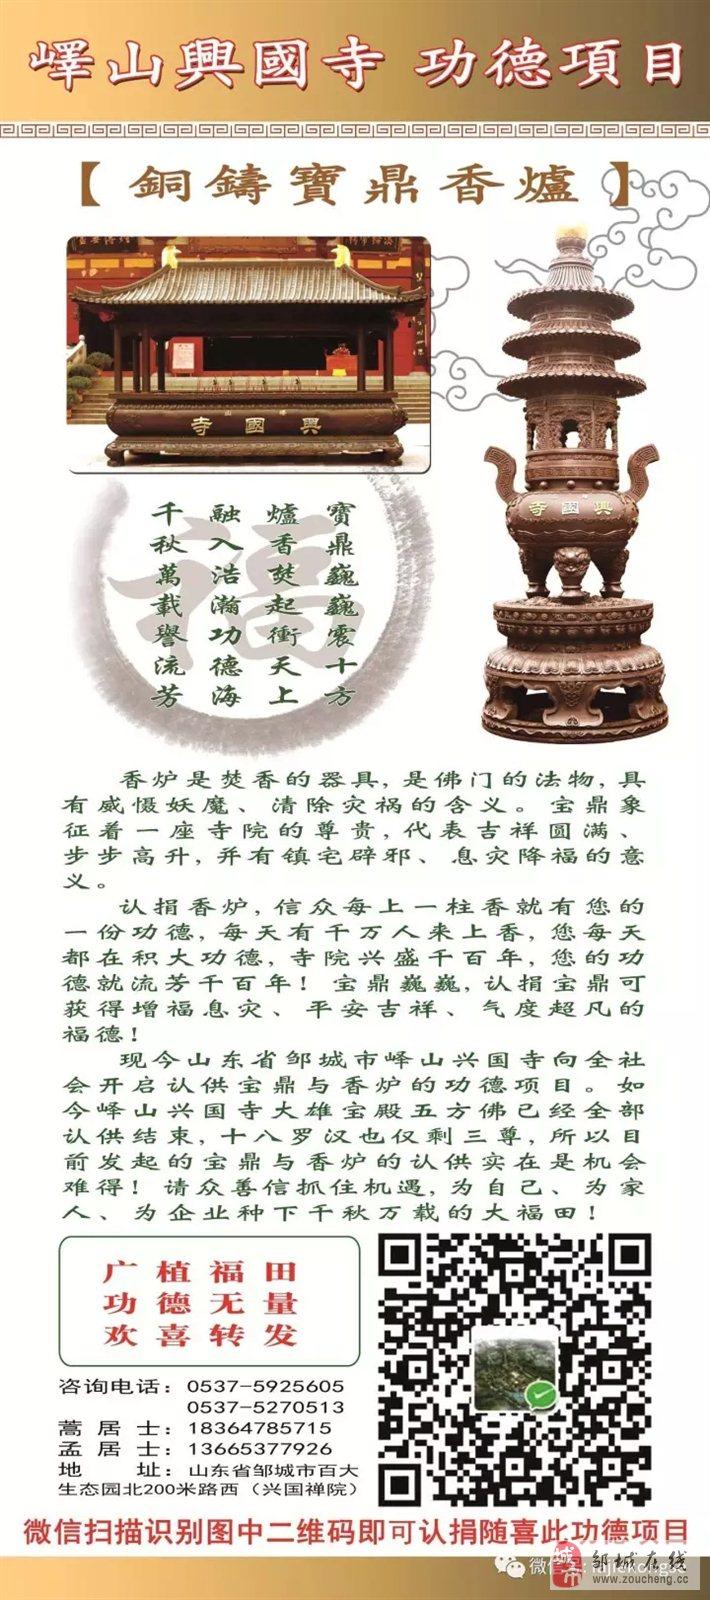 《菩提道次第广论》-中士道(613)